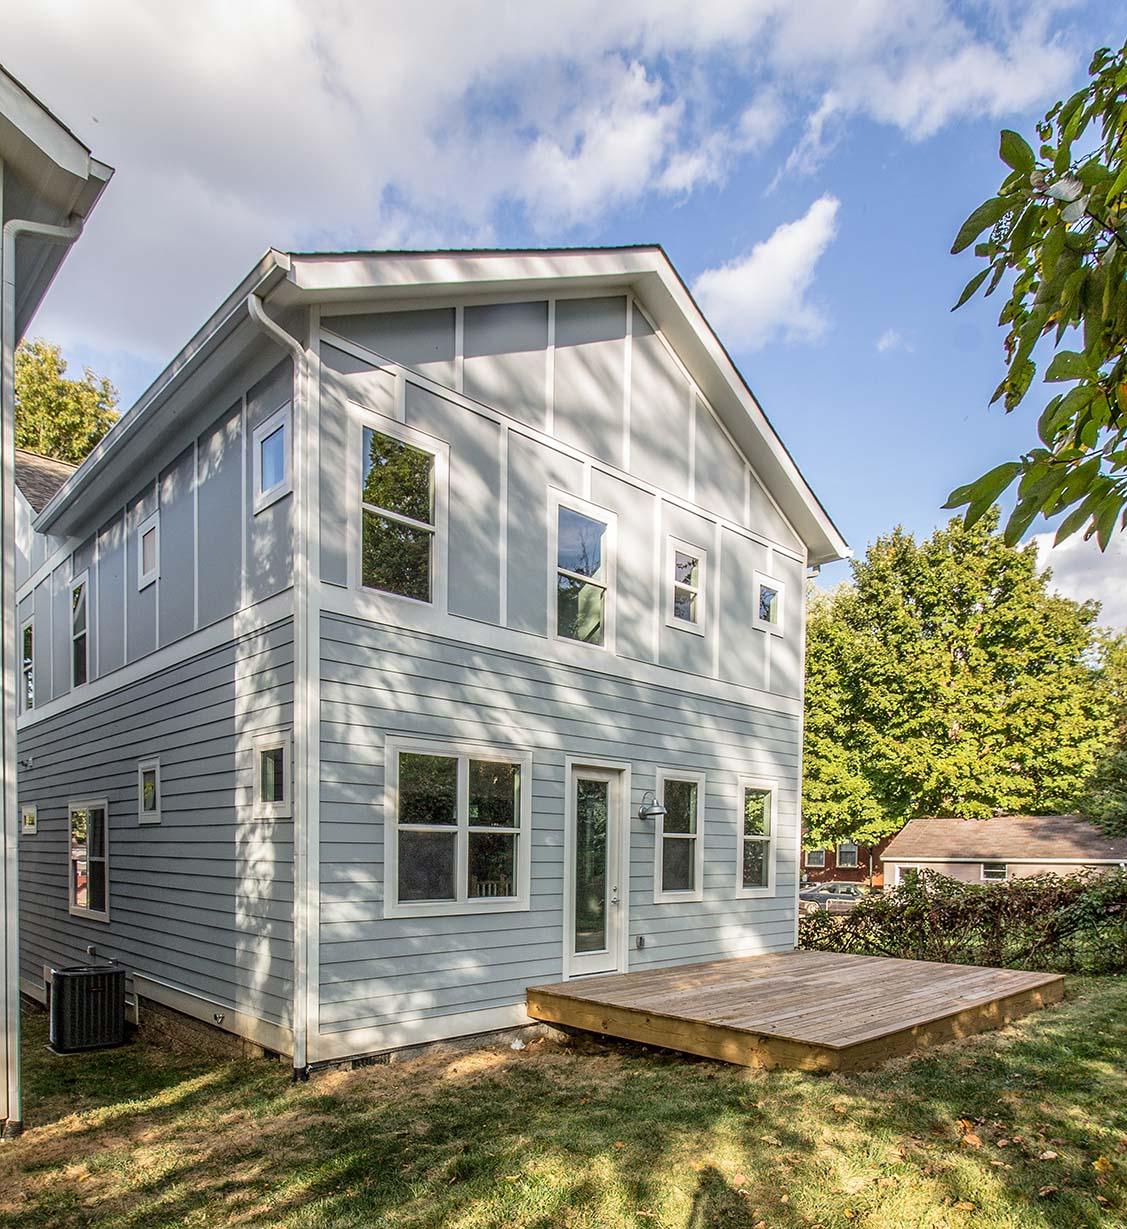 House-Plans-Online-Narrow-Nashville-Peggy-Newman-Deck-Mailan B.jpg